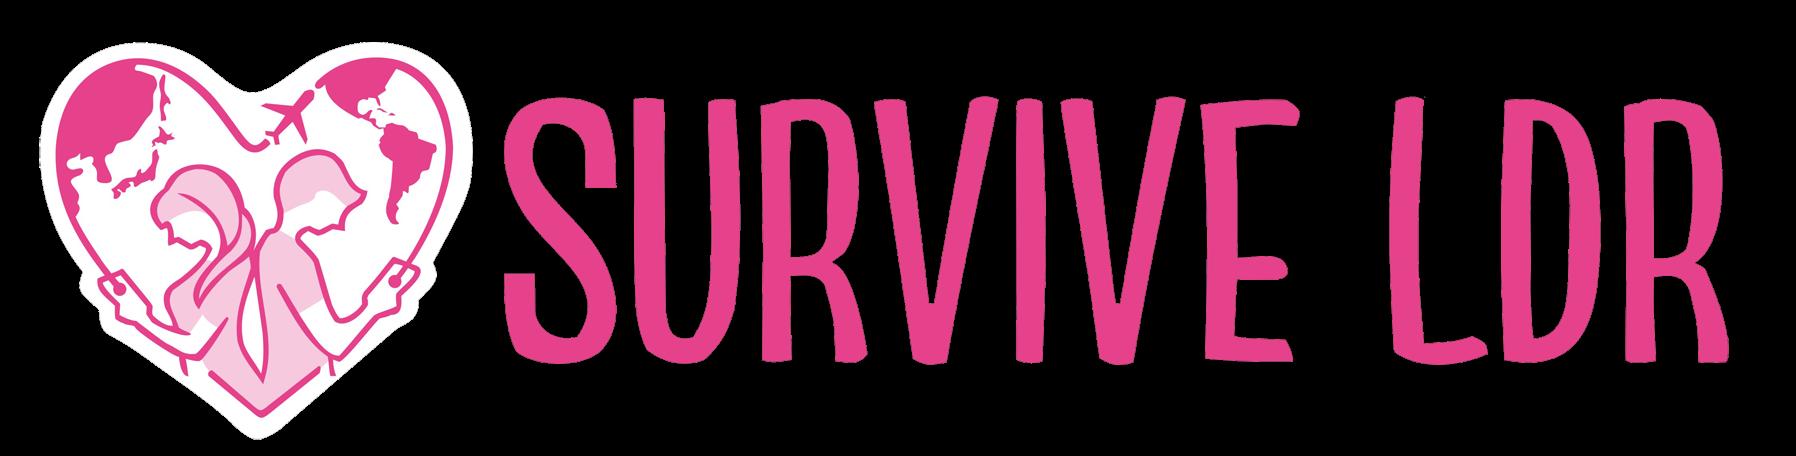 Overleven LDR